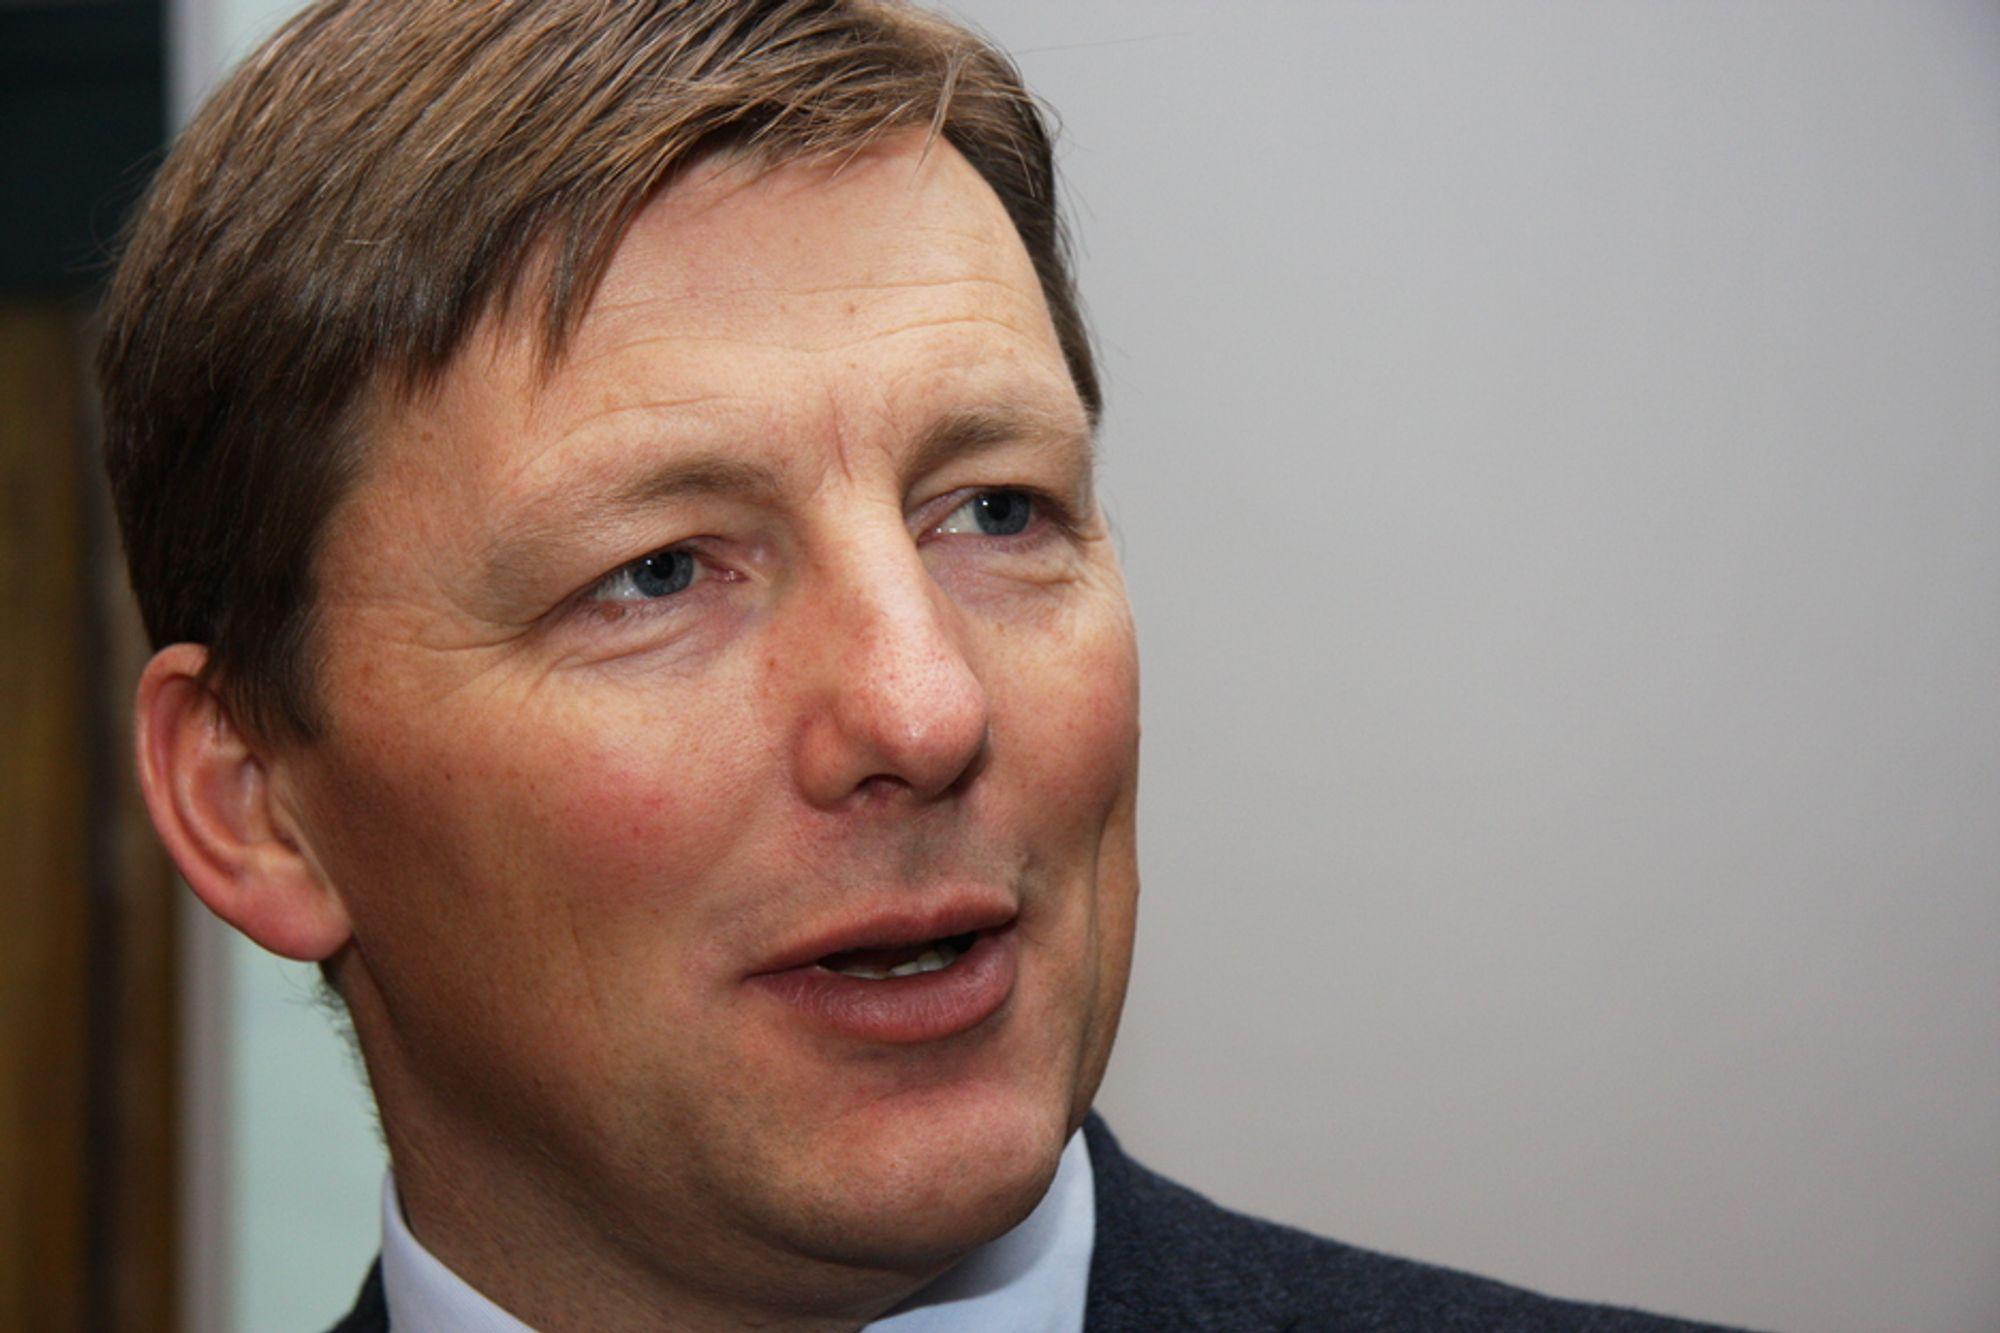 REKORD: Pål Egil Rønn har ledet AF Gruppen frem til et rekordresultat i 2010. Han ser for seg vekst i 2011.